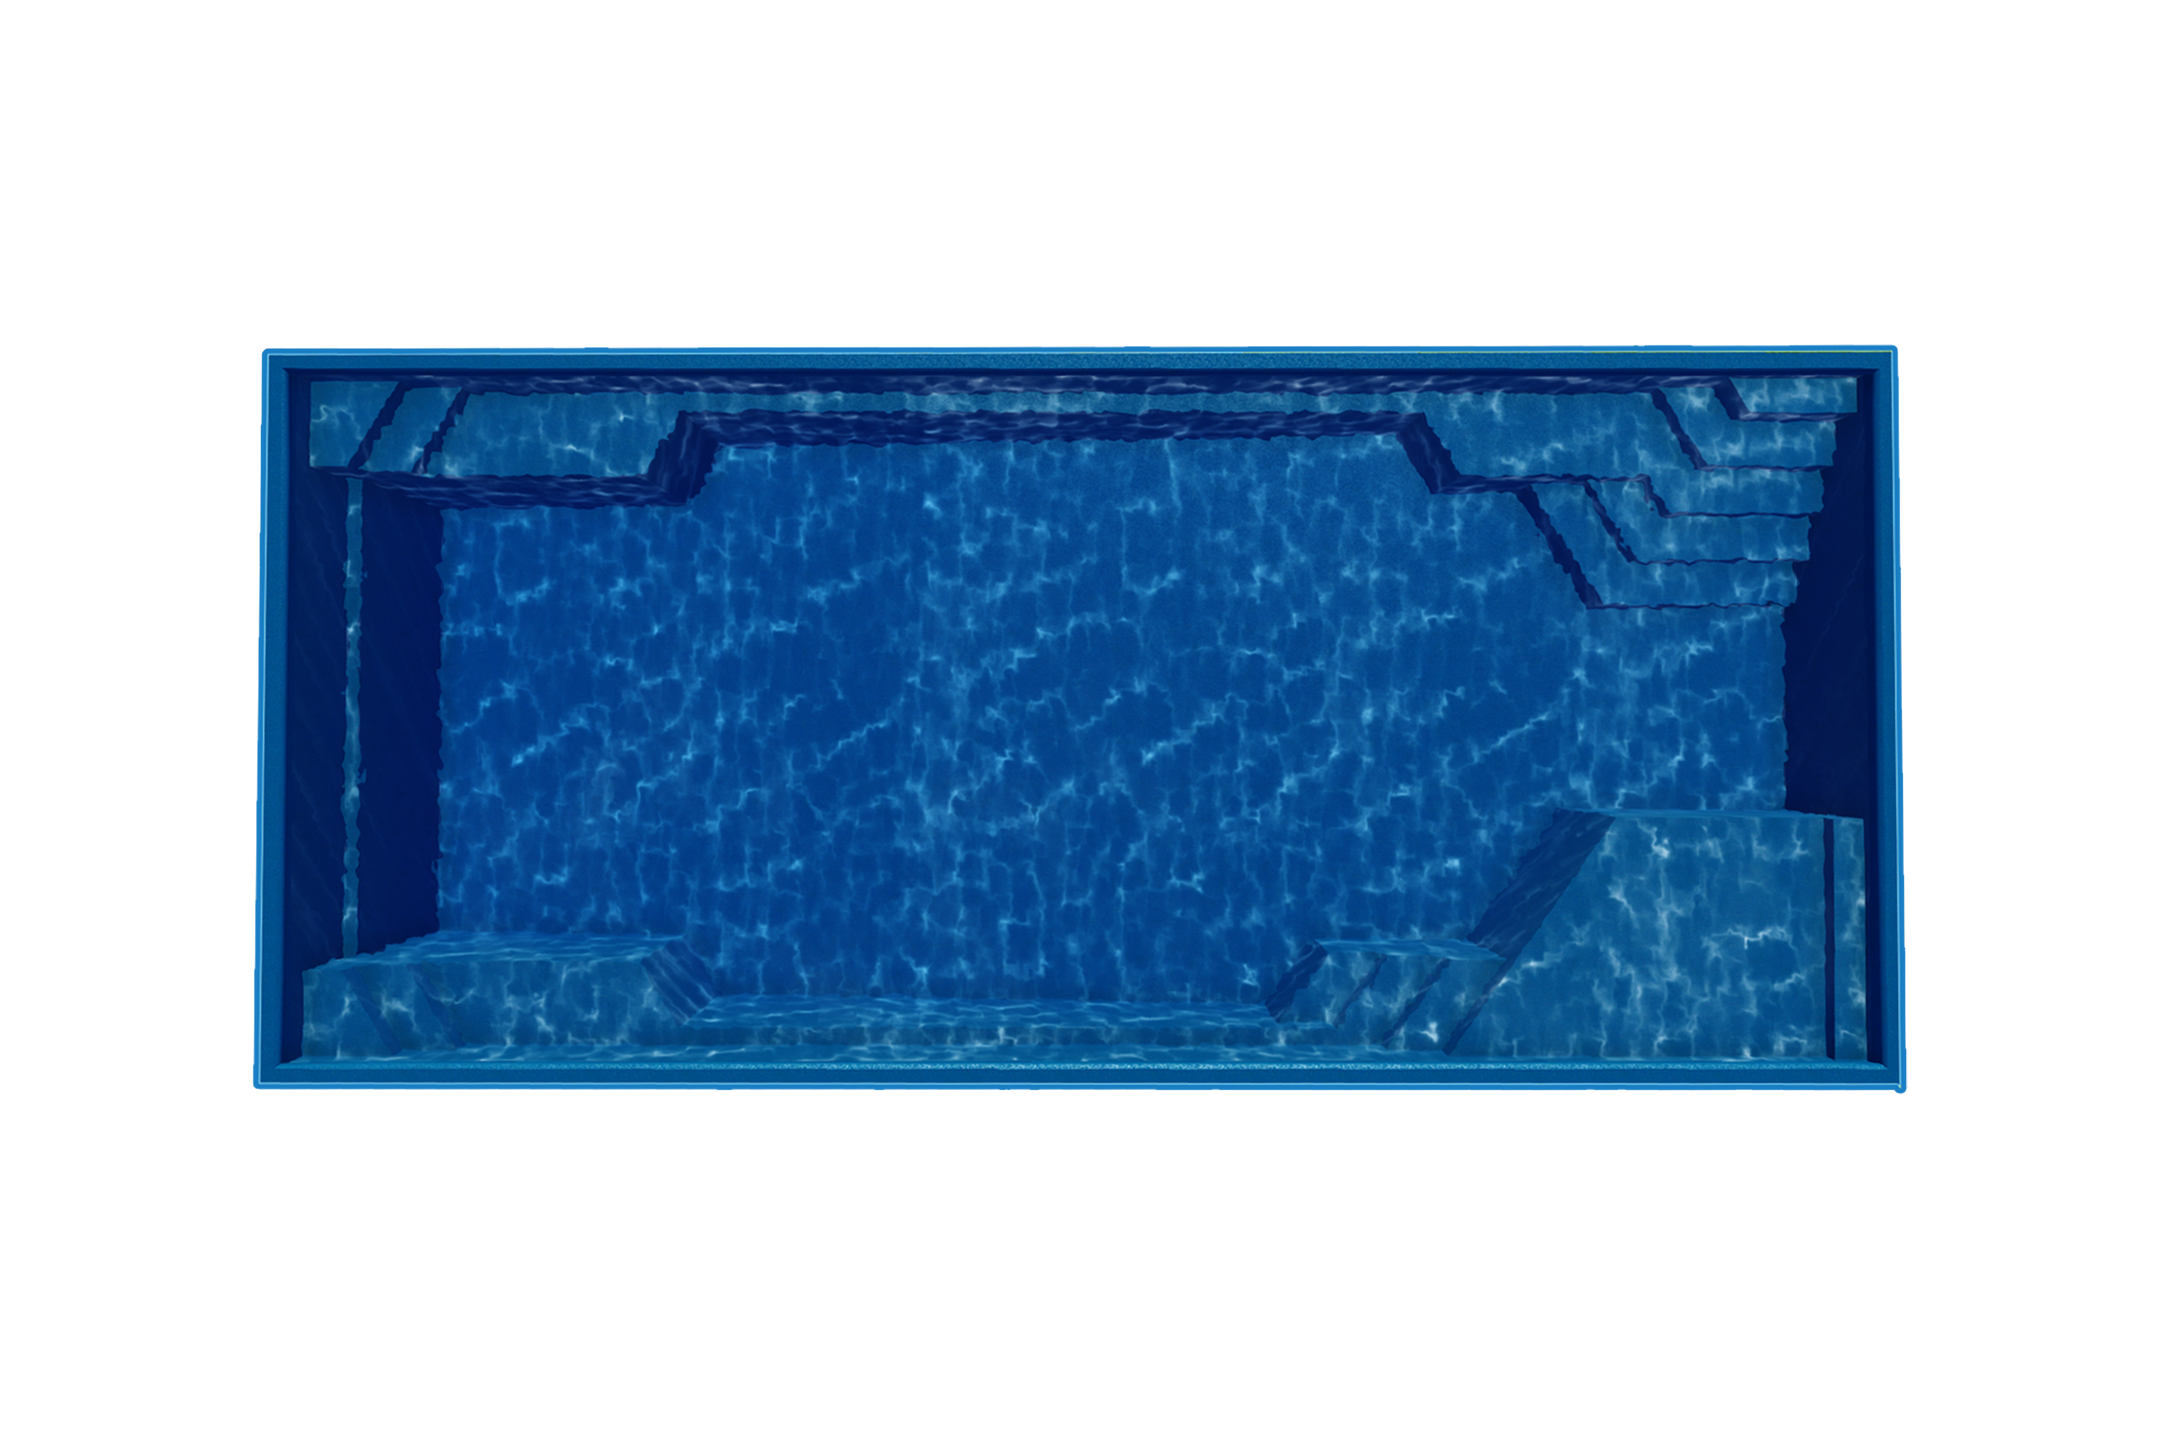 fiberglass pool - fiberglass pool in san antonio